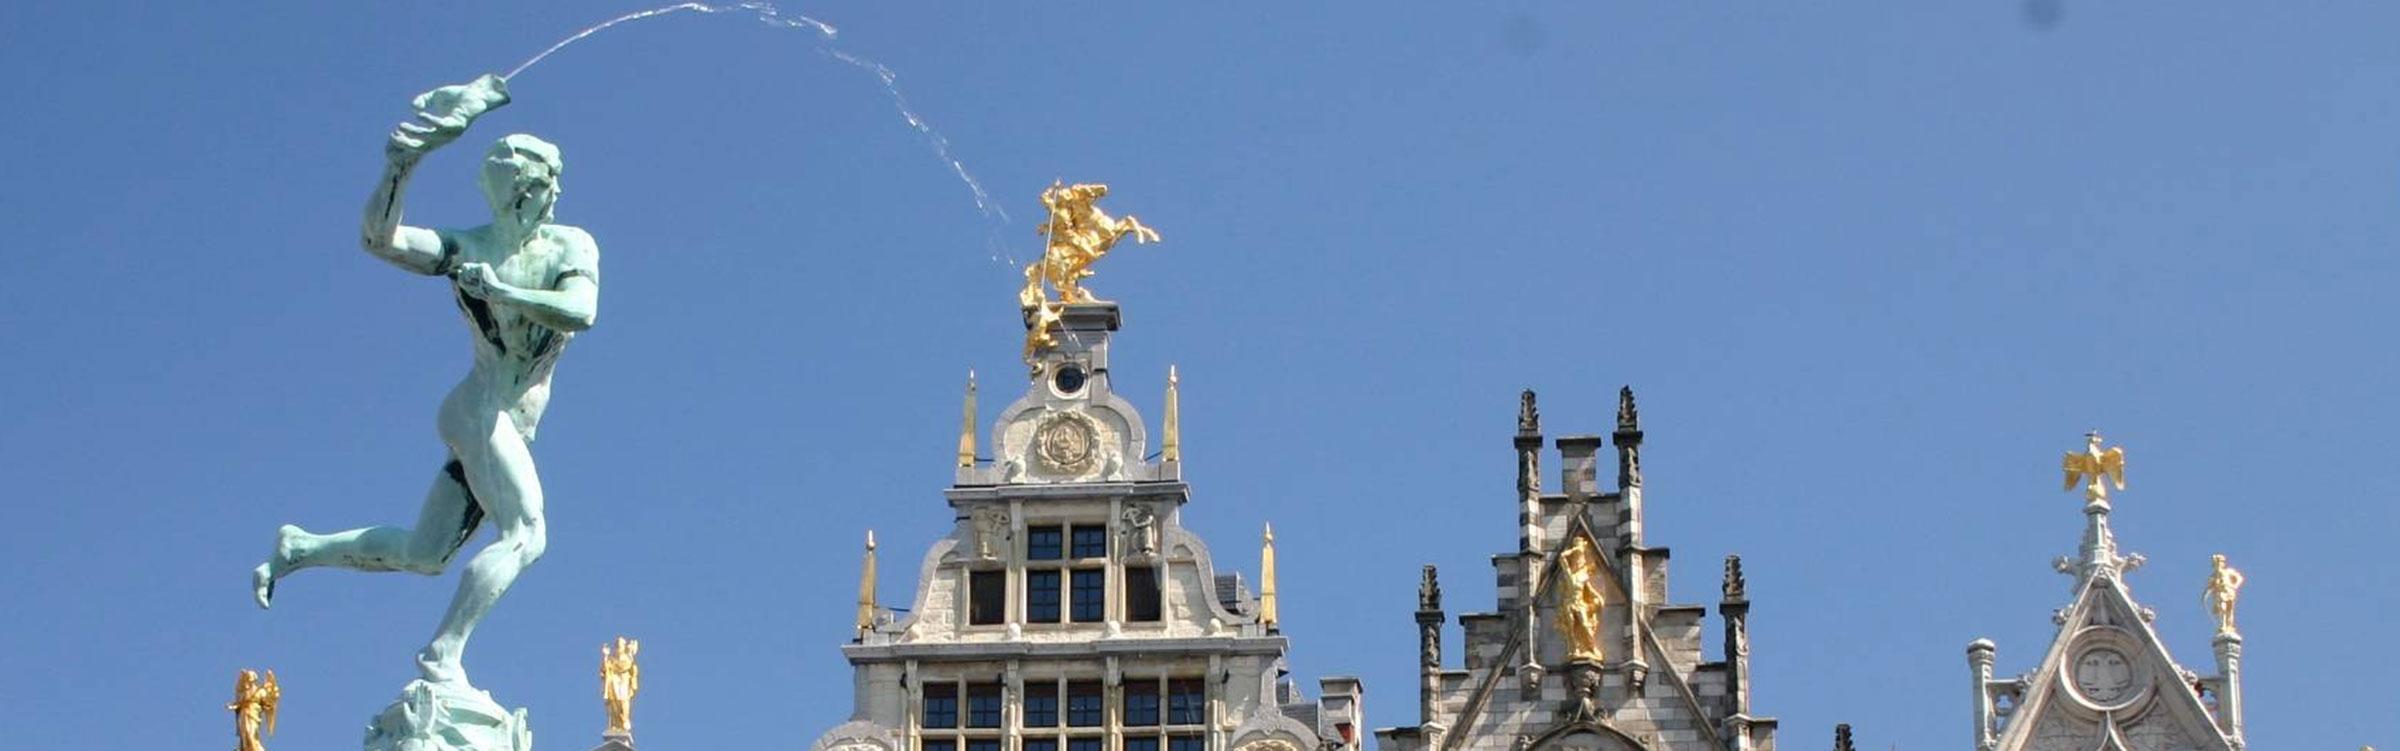 Antwerpen algemeen